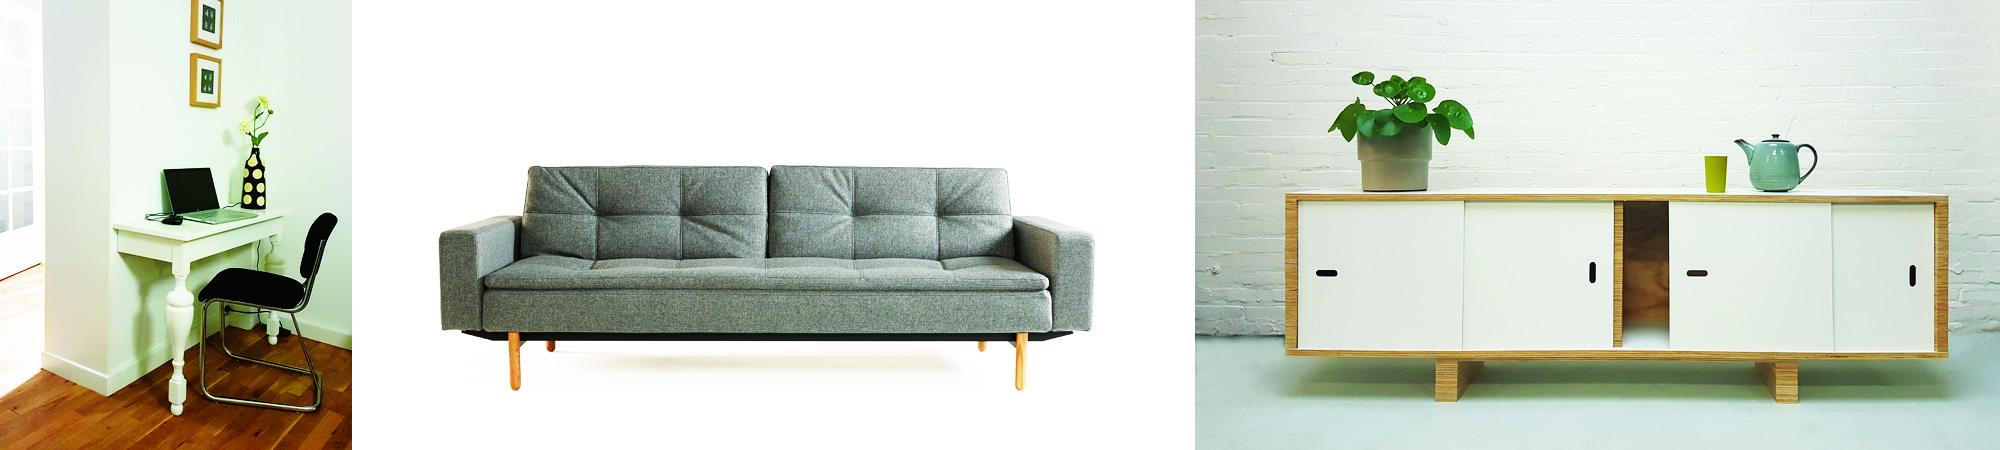 meubelen